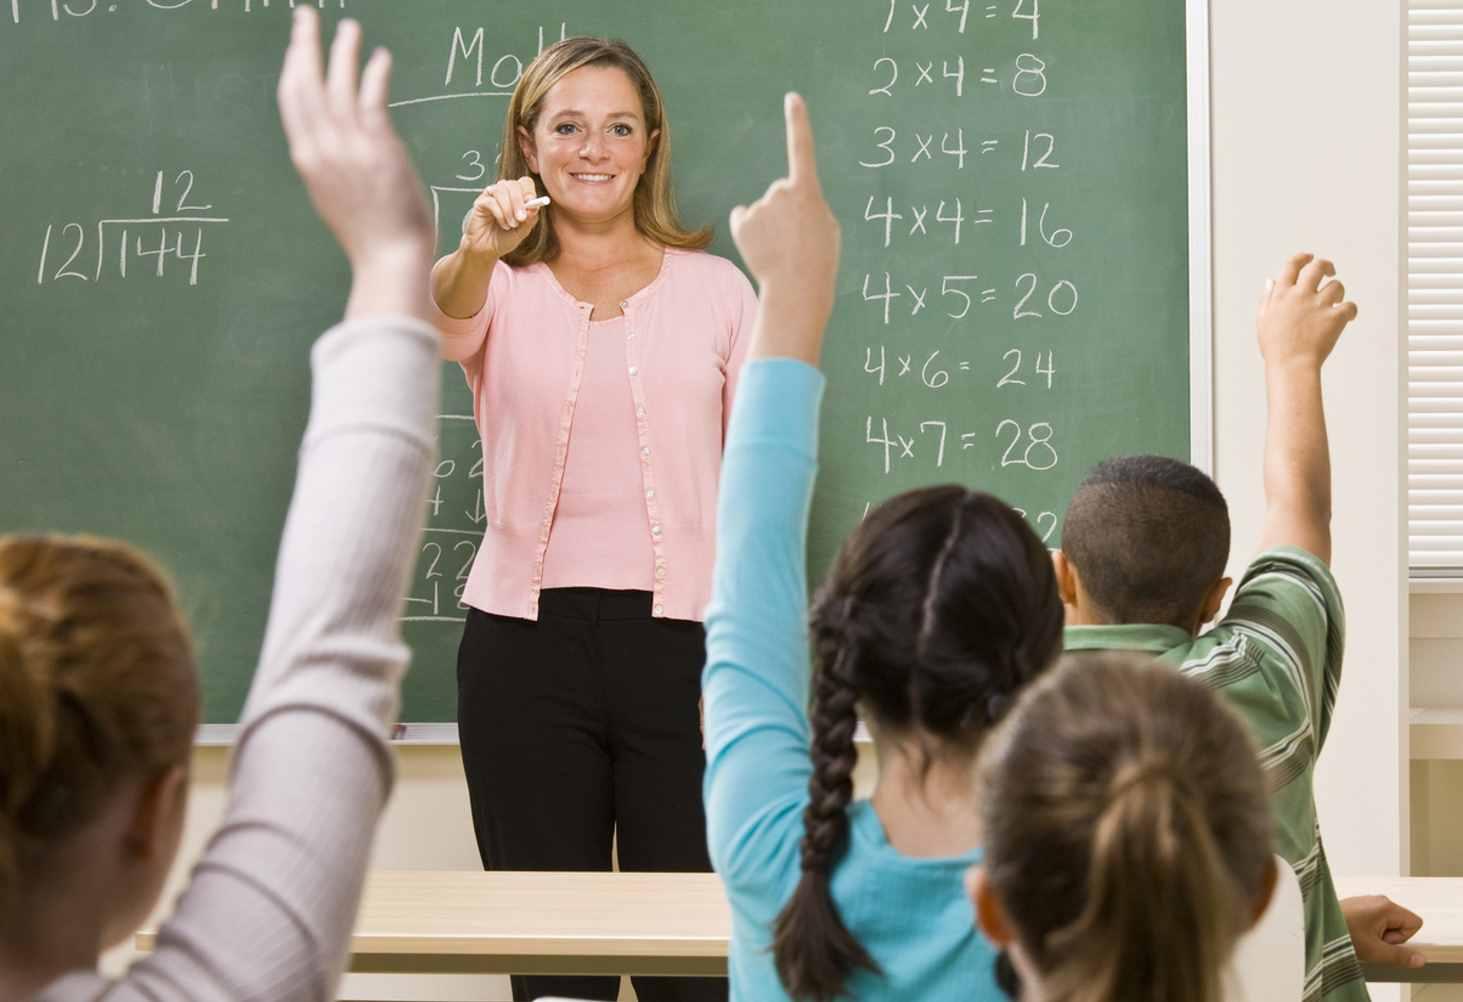 issledovanie-huzhe-vsego-k-professii-uchitelya-otnosyatsya-lyudi-starshego-pokoleniya-i-sami-pedagogi